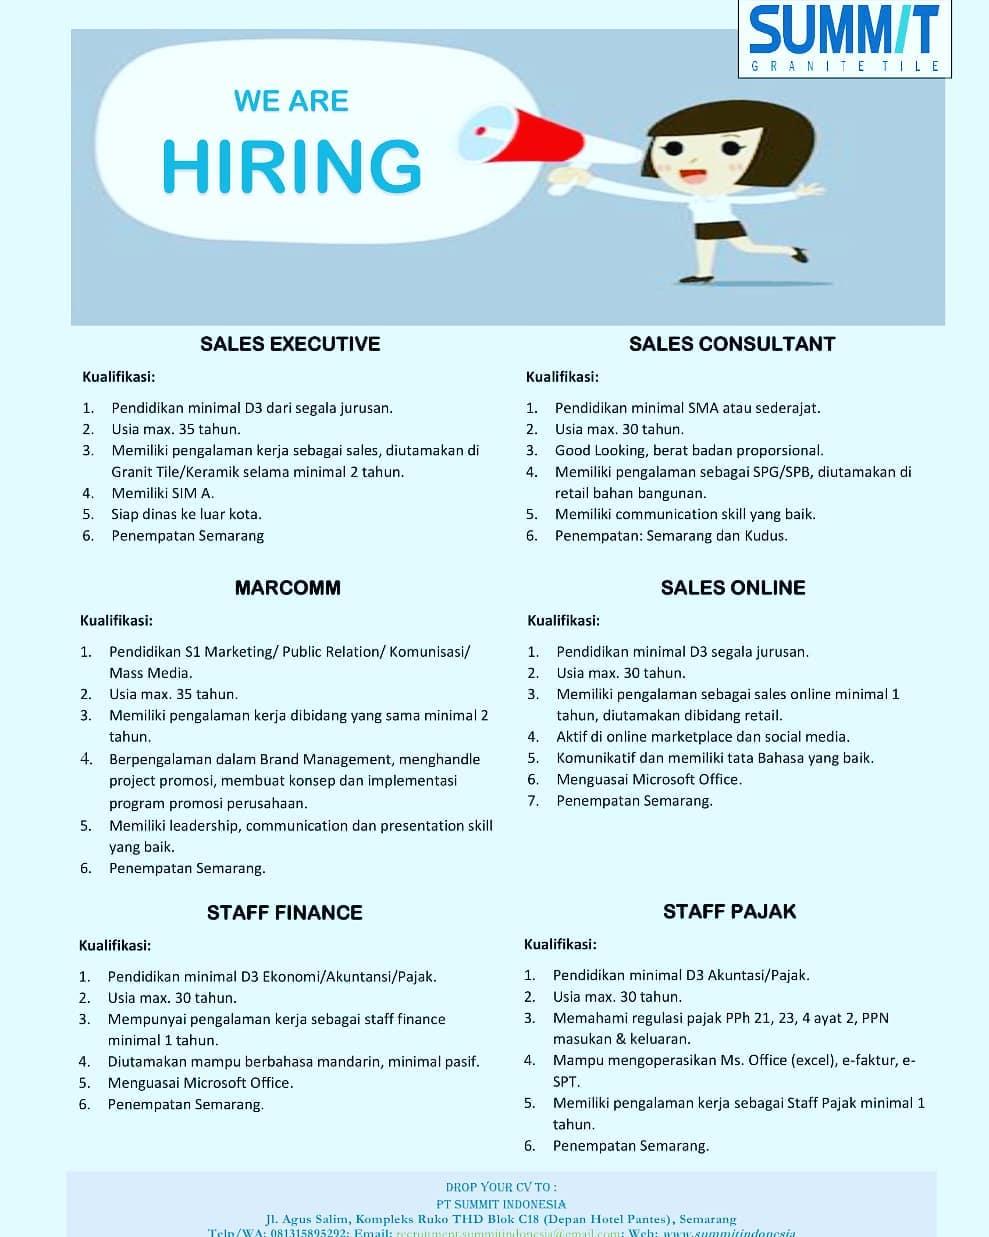 Summit Granit Tile Membuka Loker Semarang & Kudus Untuk Posisi Sales Executive, Marcomm, Staff Finance, Sales Consultant, Sales Online, & Staff Pajak